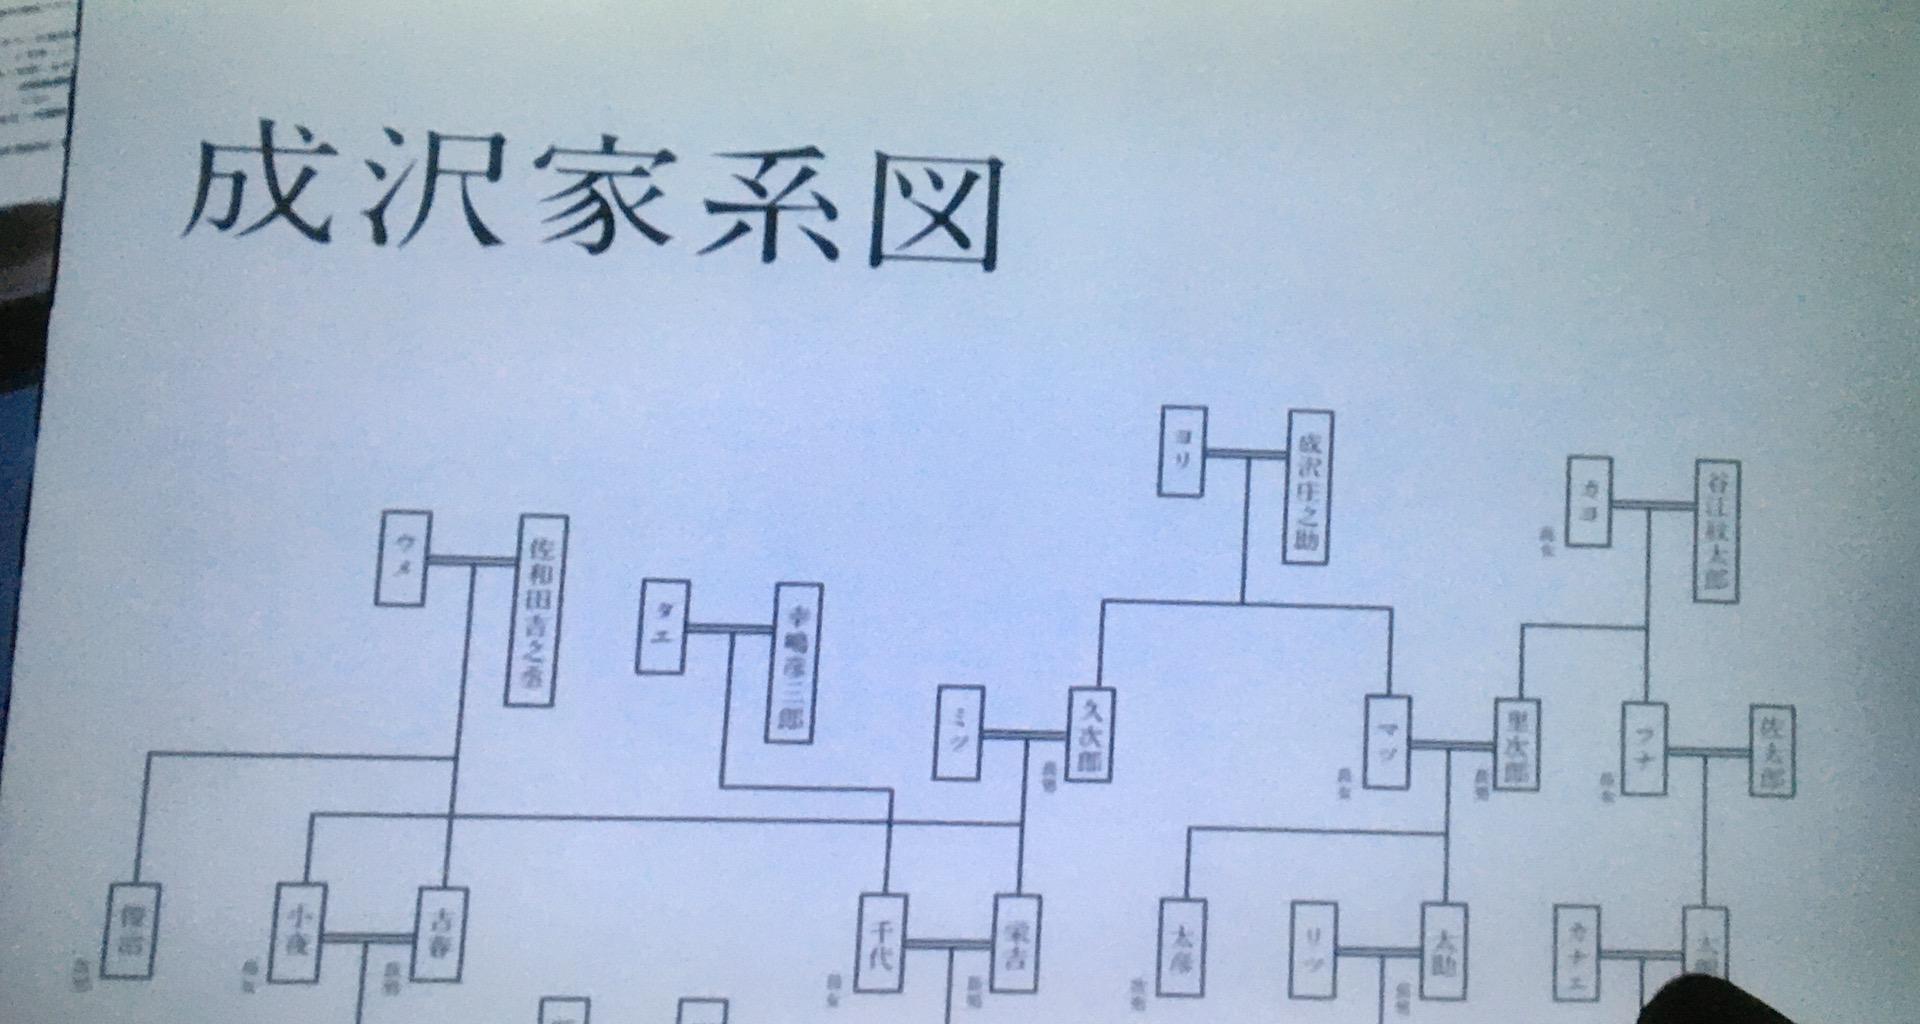 f:id:t_aki:20200419002152j:plain